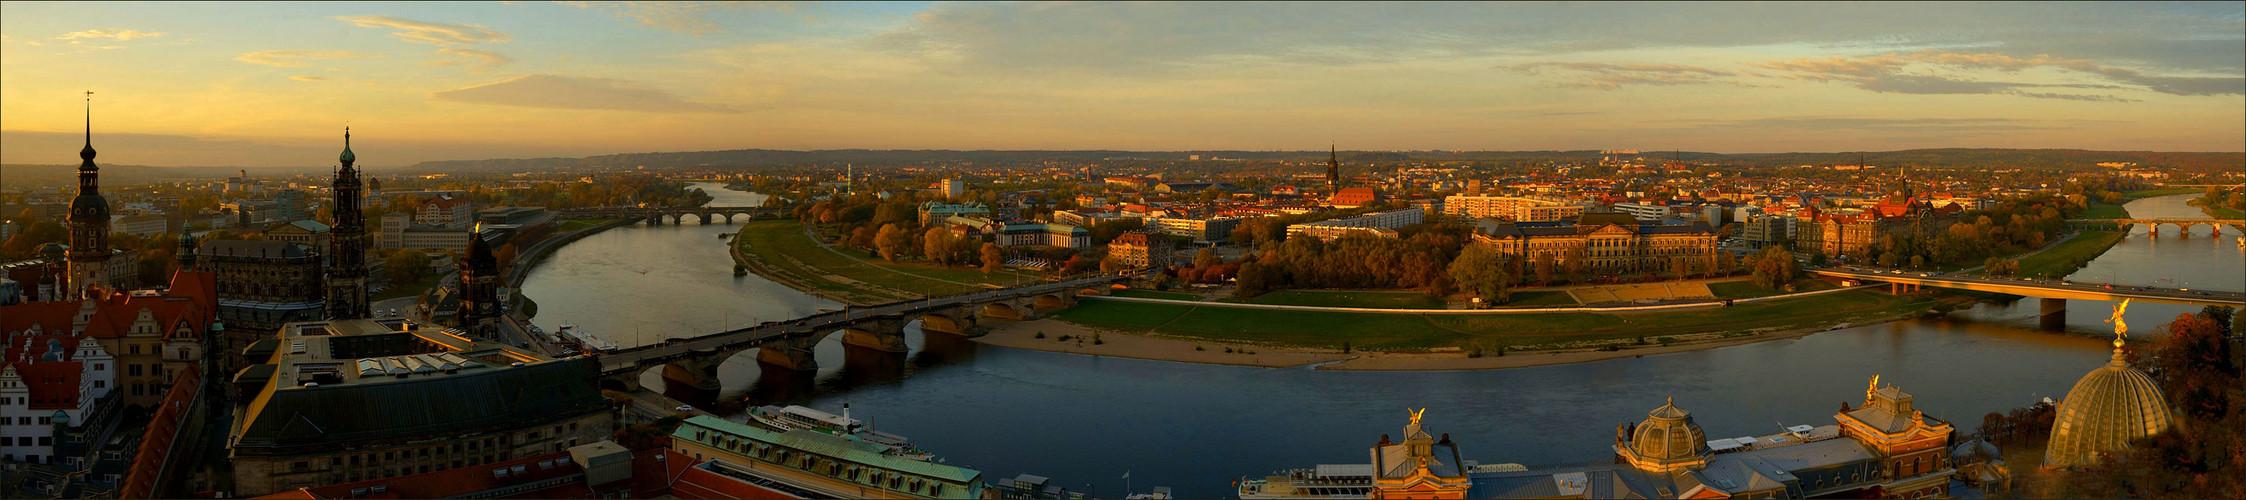 Dämmerlicht über Dresden